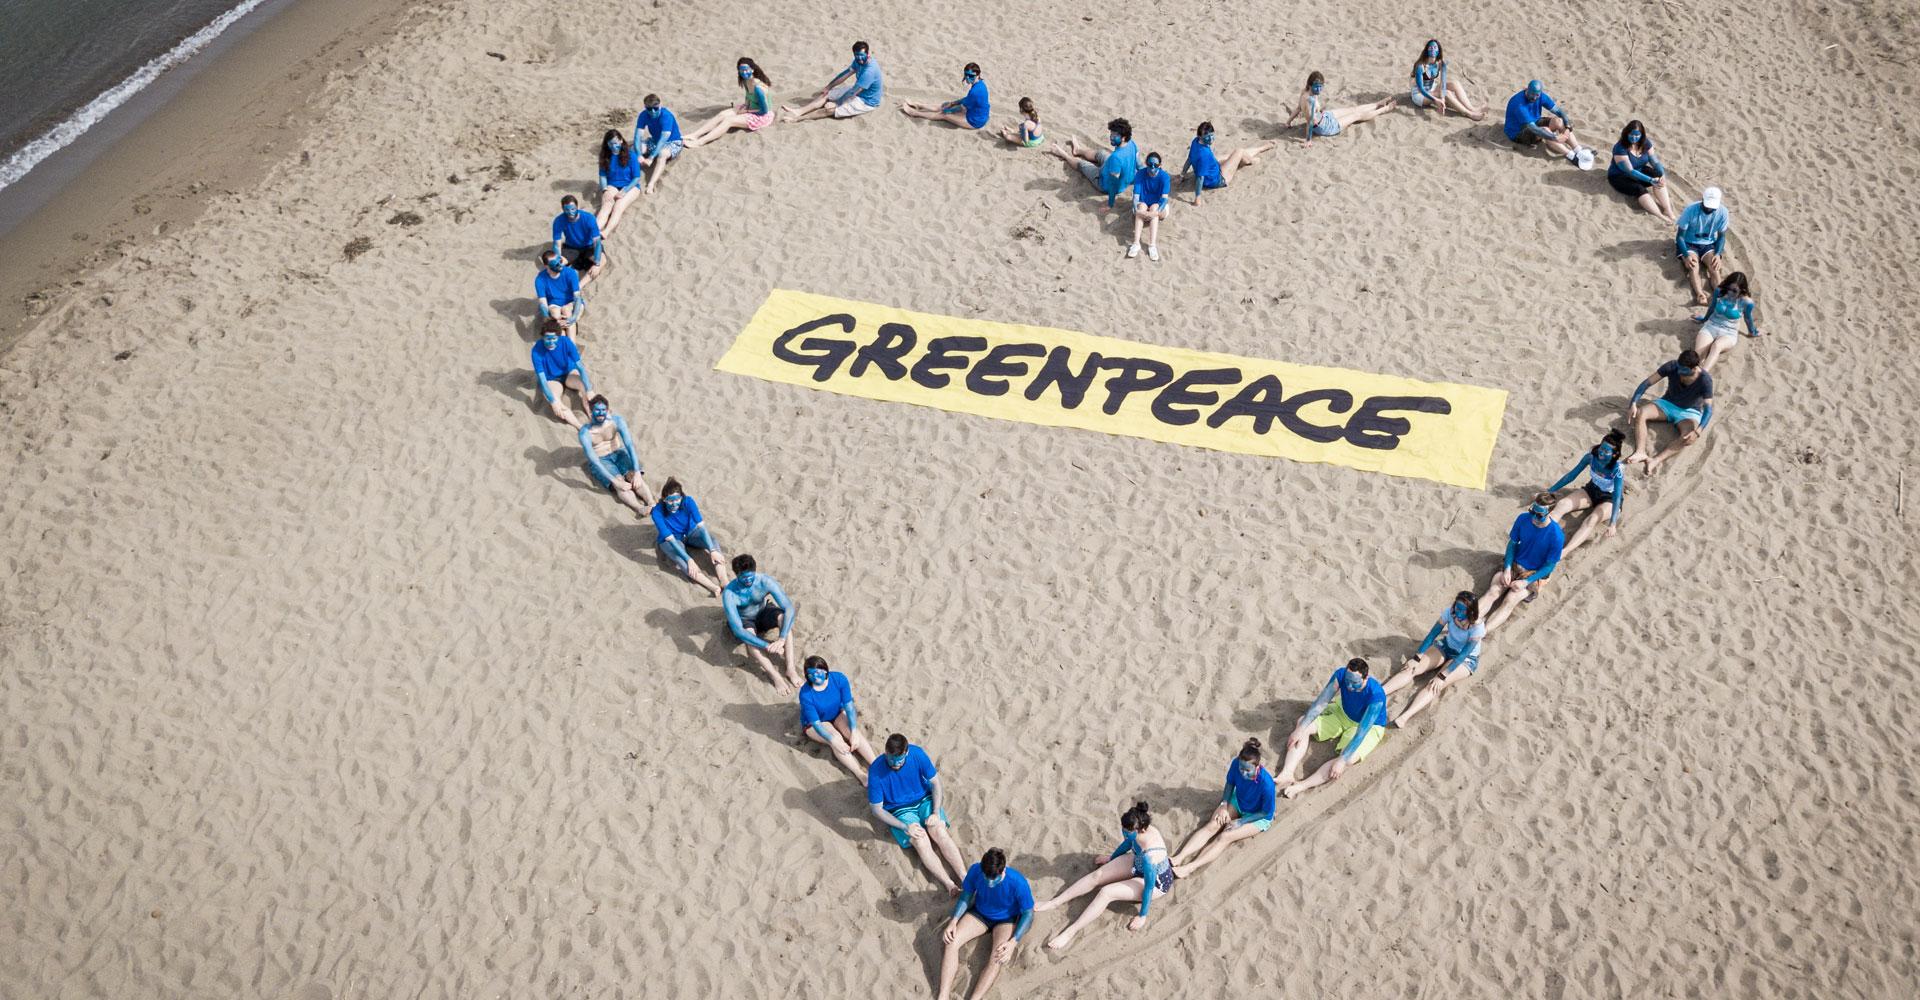 Sağlığımız ve Gezegenimiz İçin Birlikte Güçlüyüz